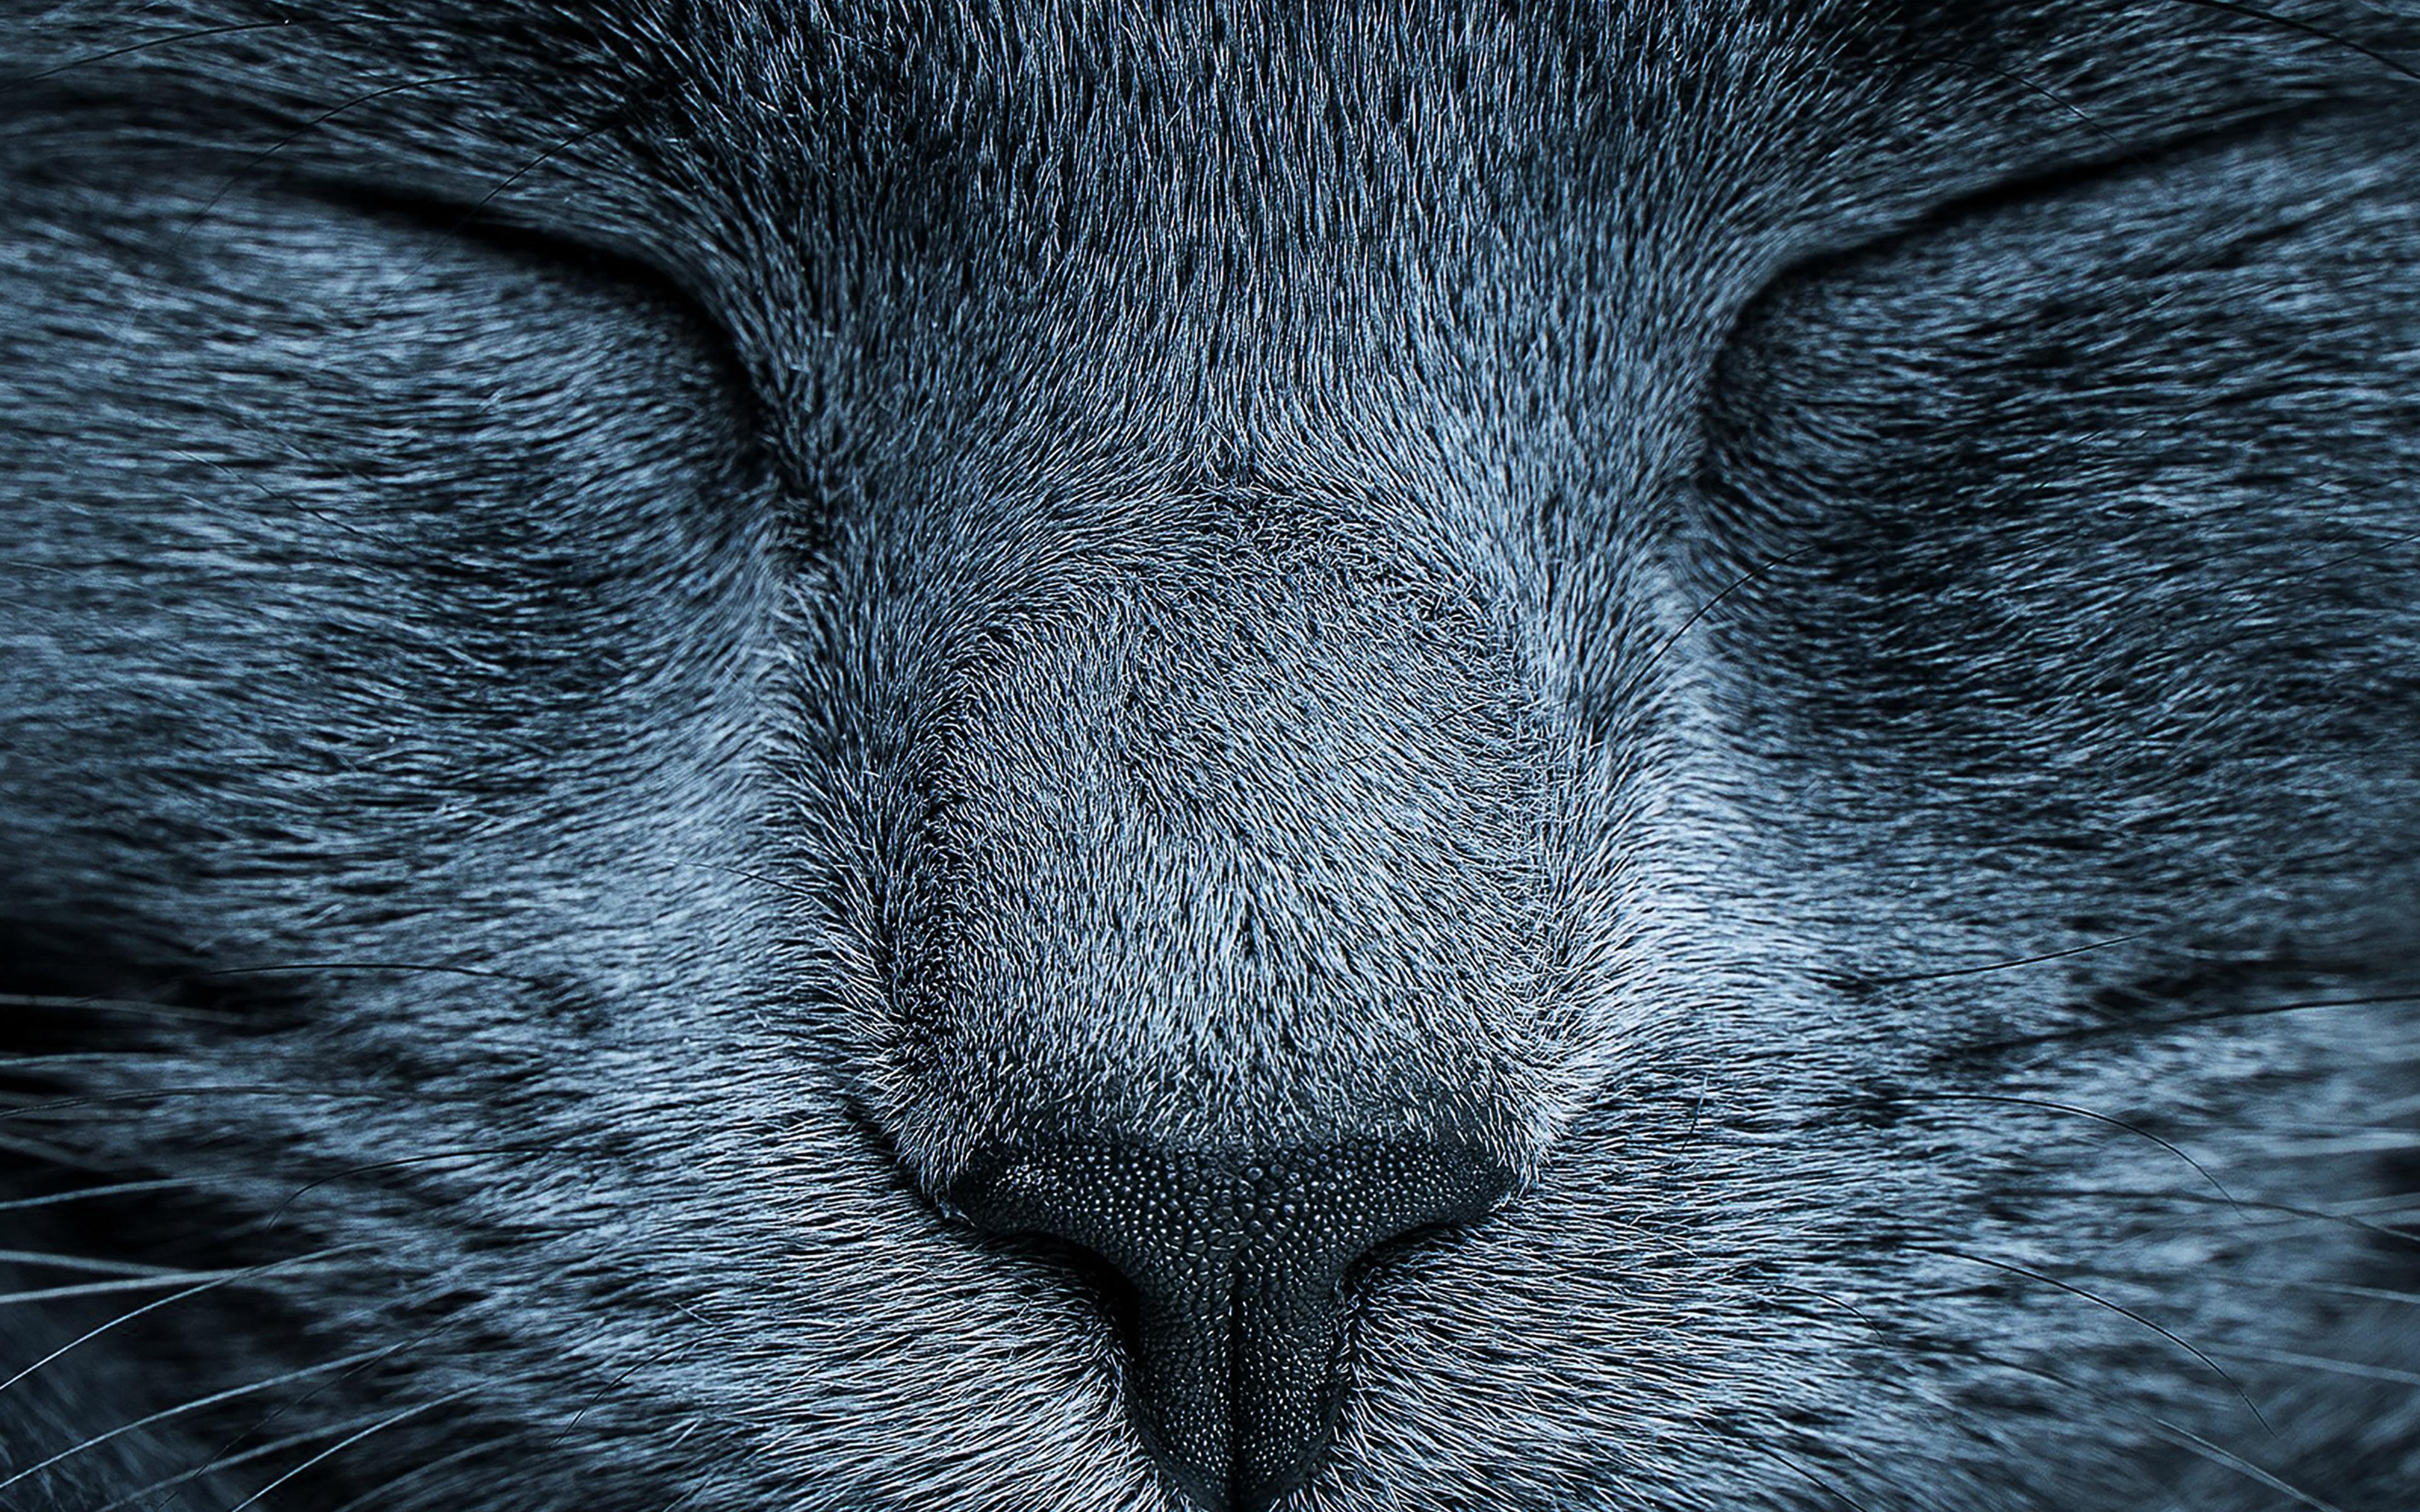 macbook retina winter wallpaper